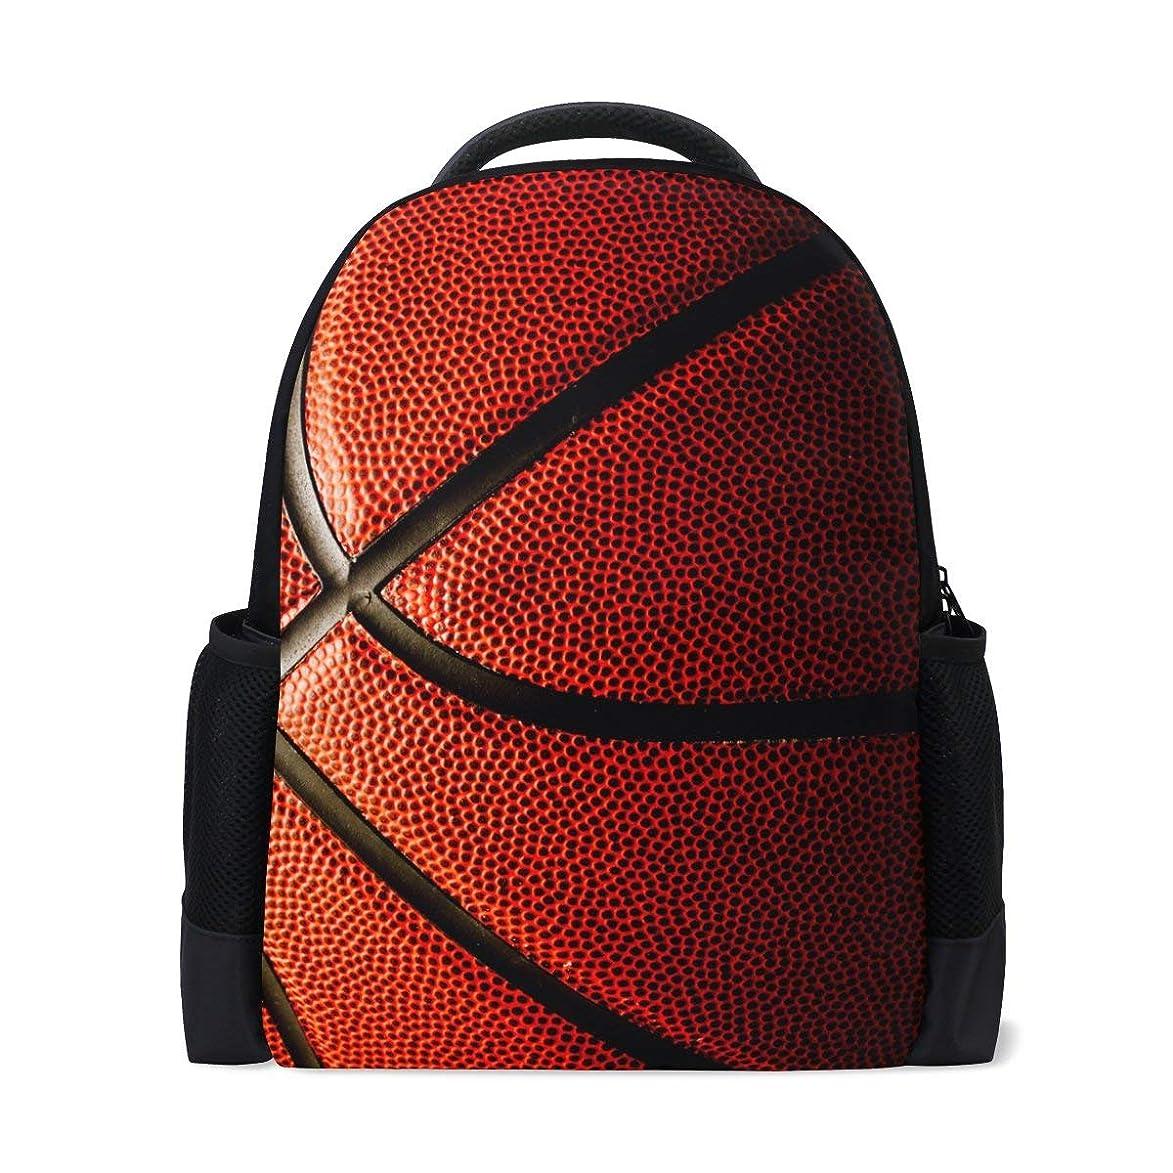 予約自動化コミットVAMIX リュックサック バッグ 男女兼用 メンズ レディース 通勤 通学 大容量 バスケットボール